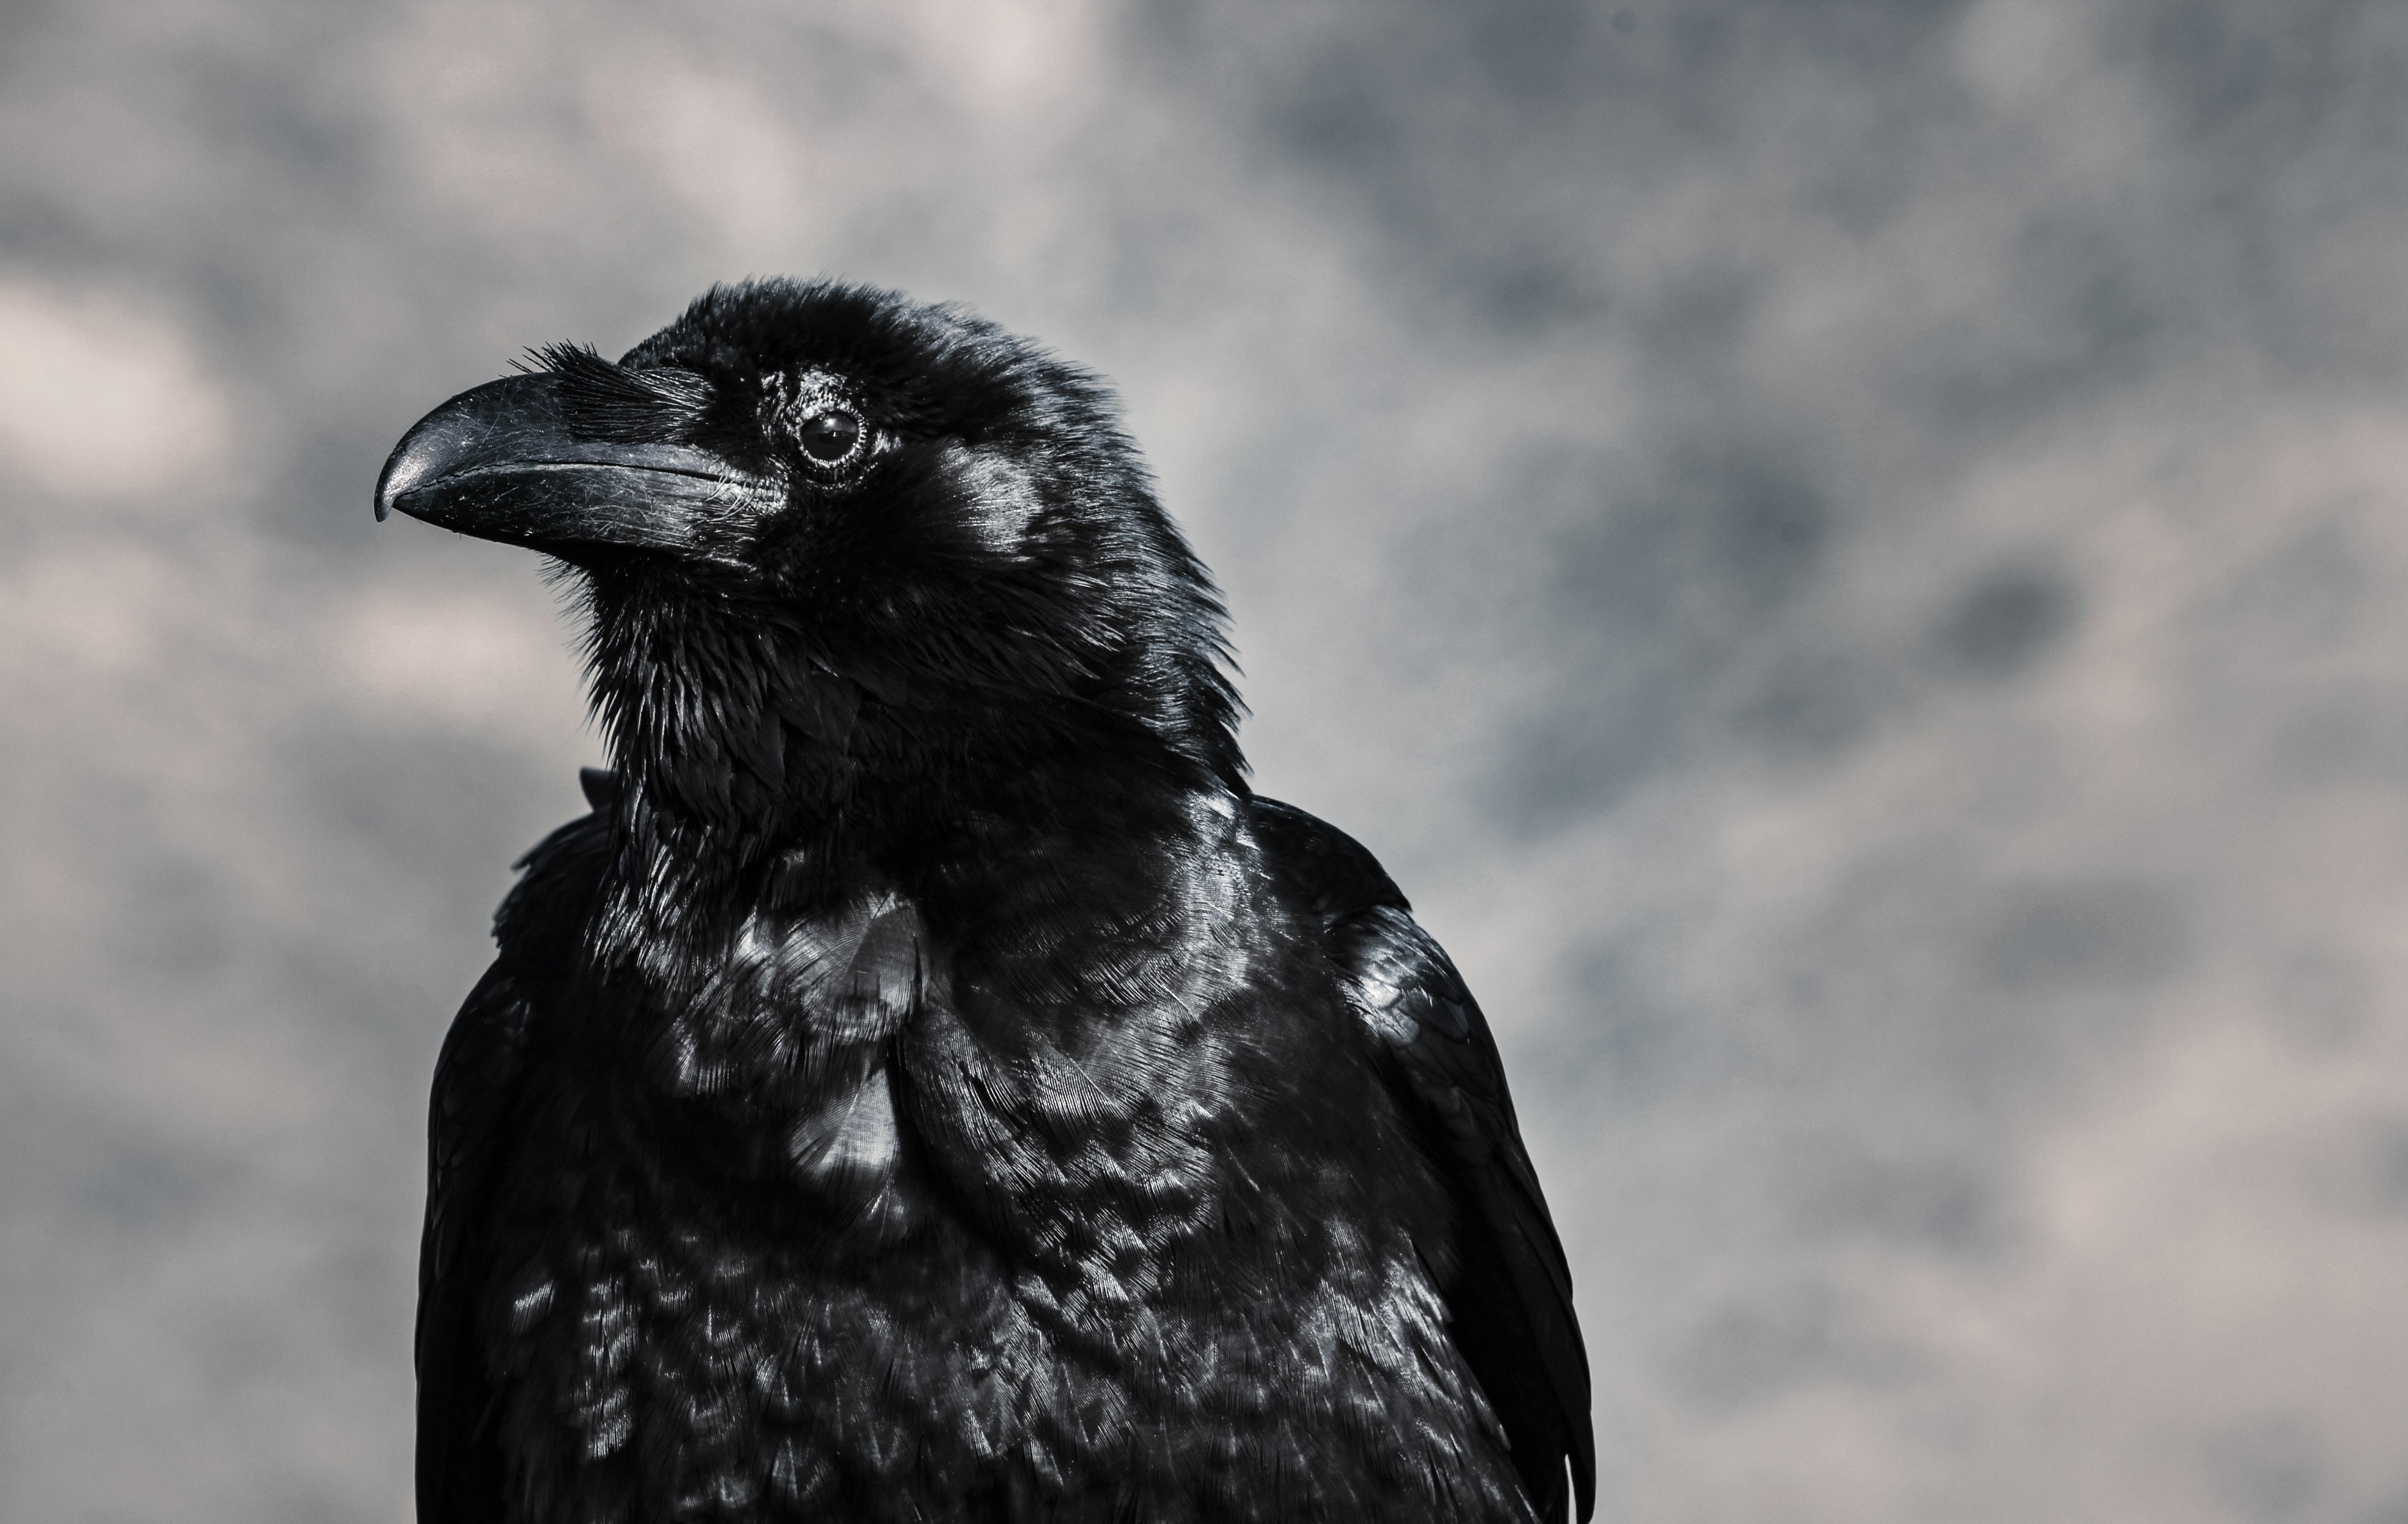 Interesting Raven Photos 183 Pexels 183 Free Stock Photos